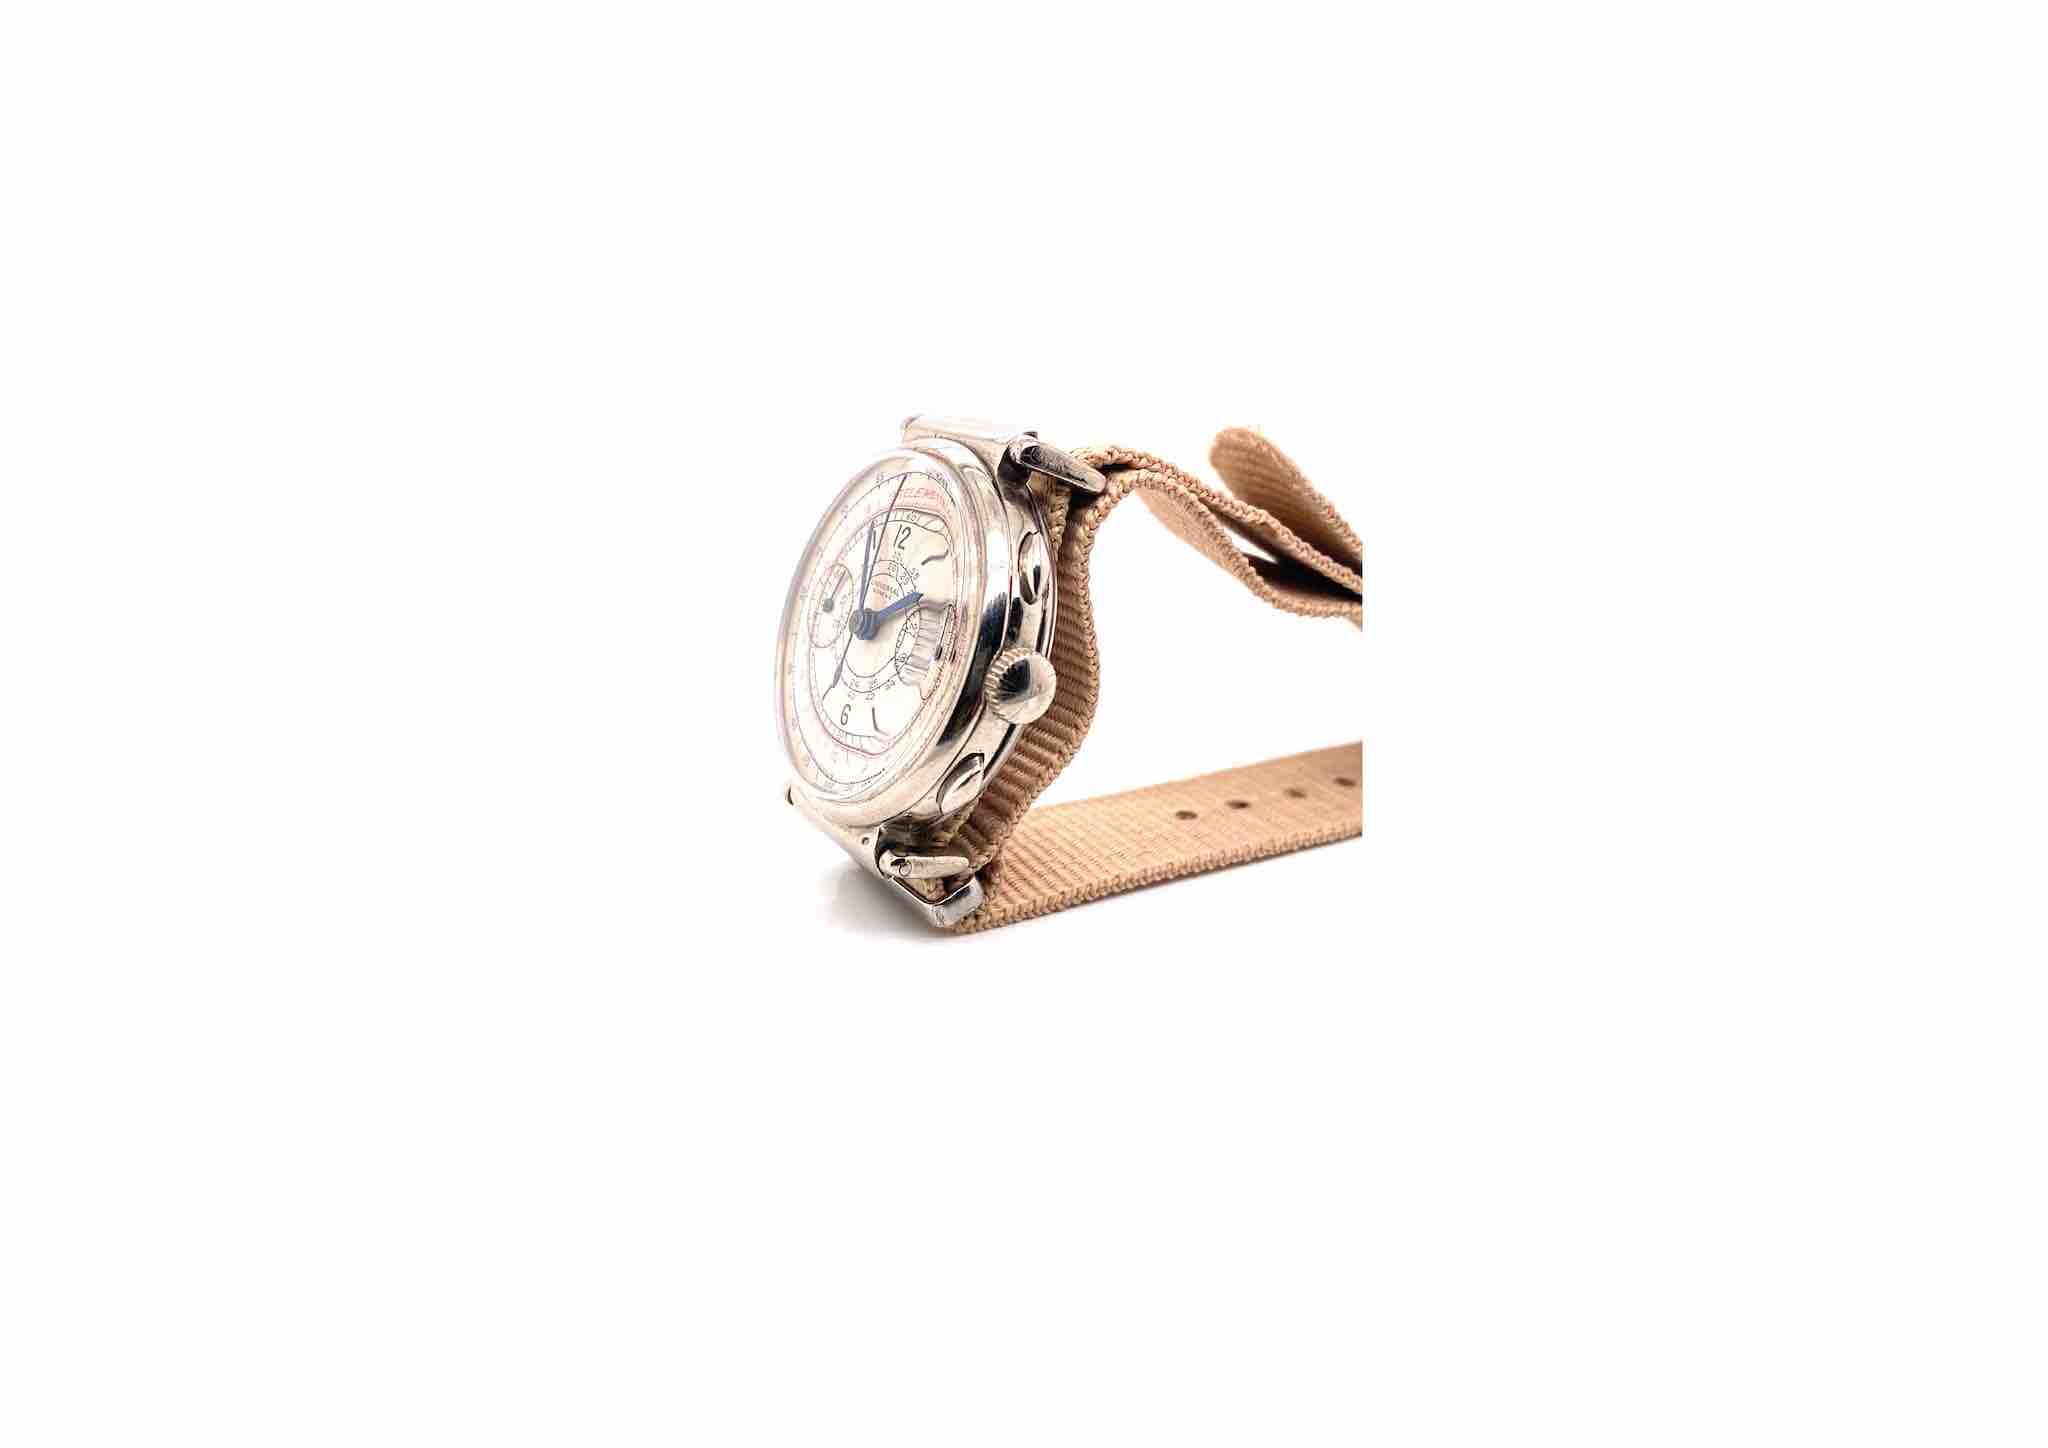 montre de luxe Montre Universal Genève Chrono